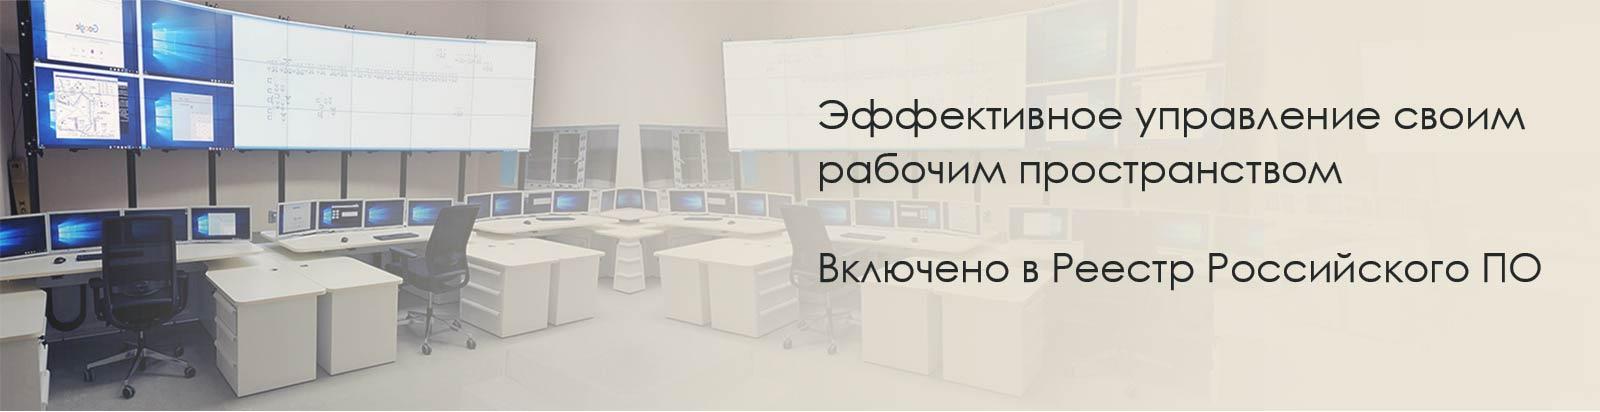 ПО управления видеоконтентом «Видеоториум»